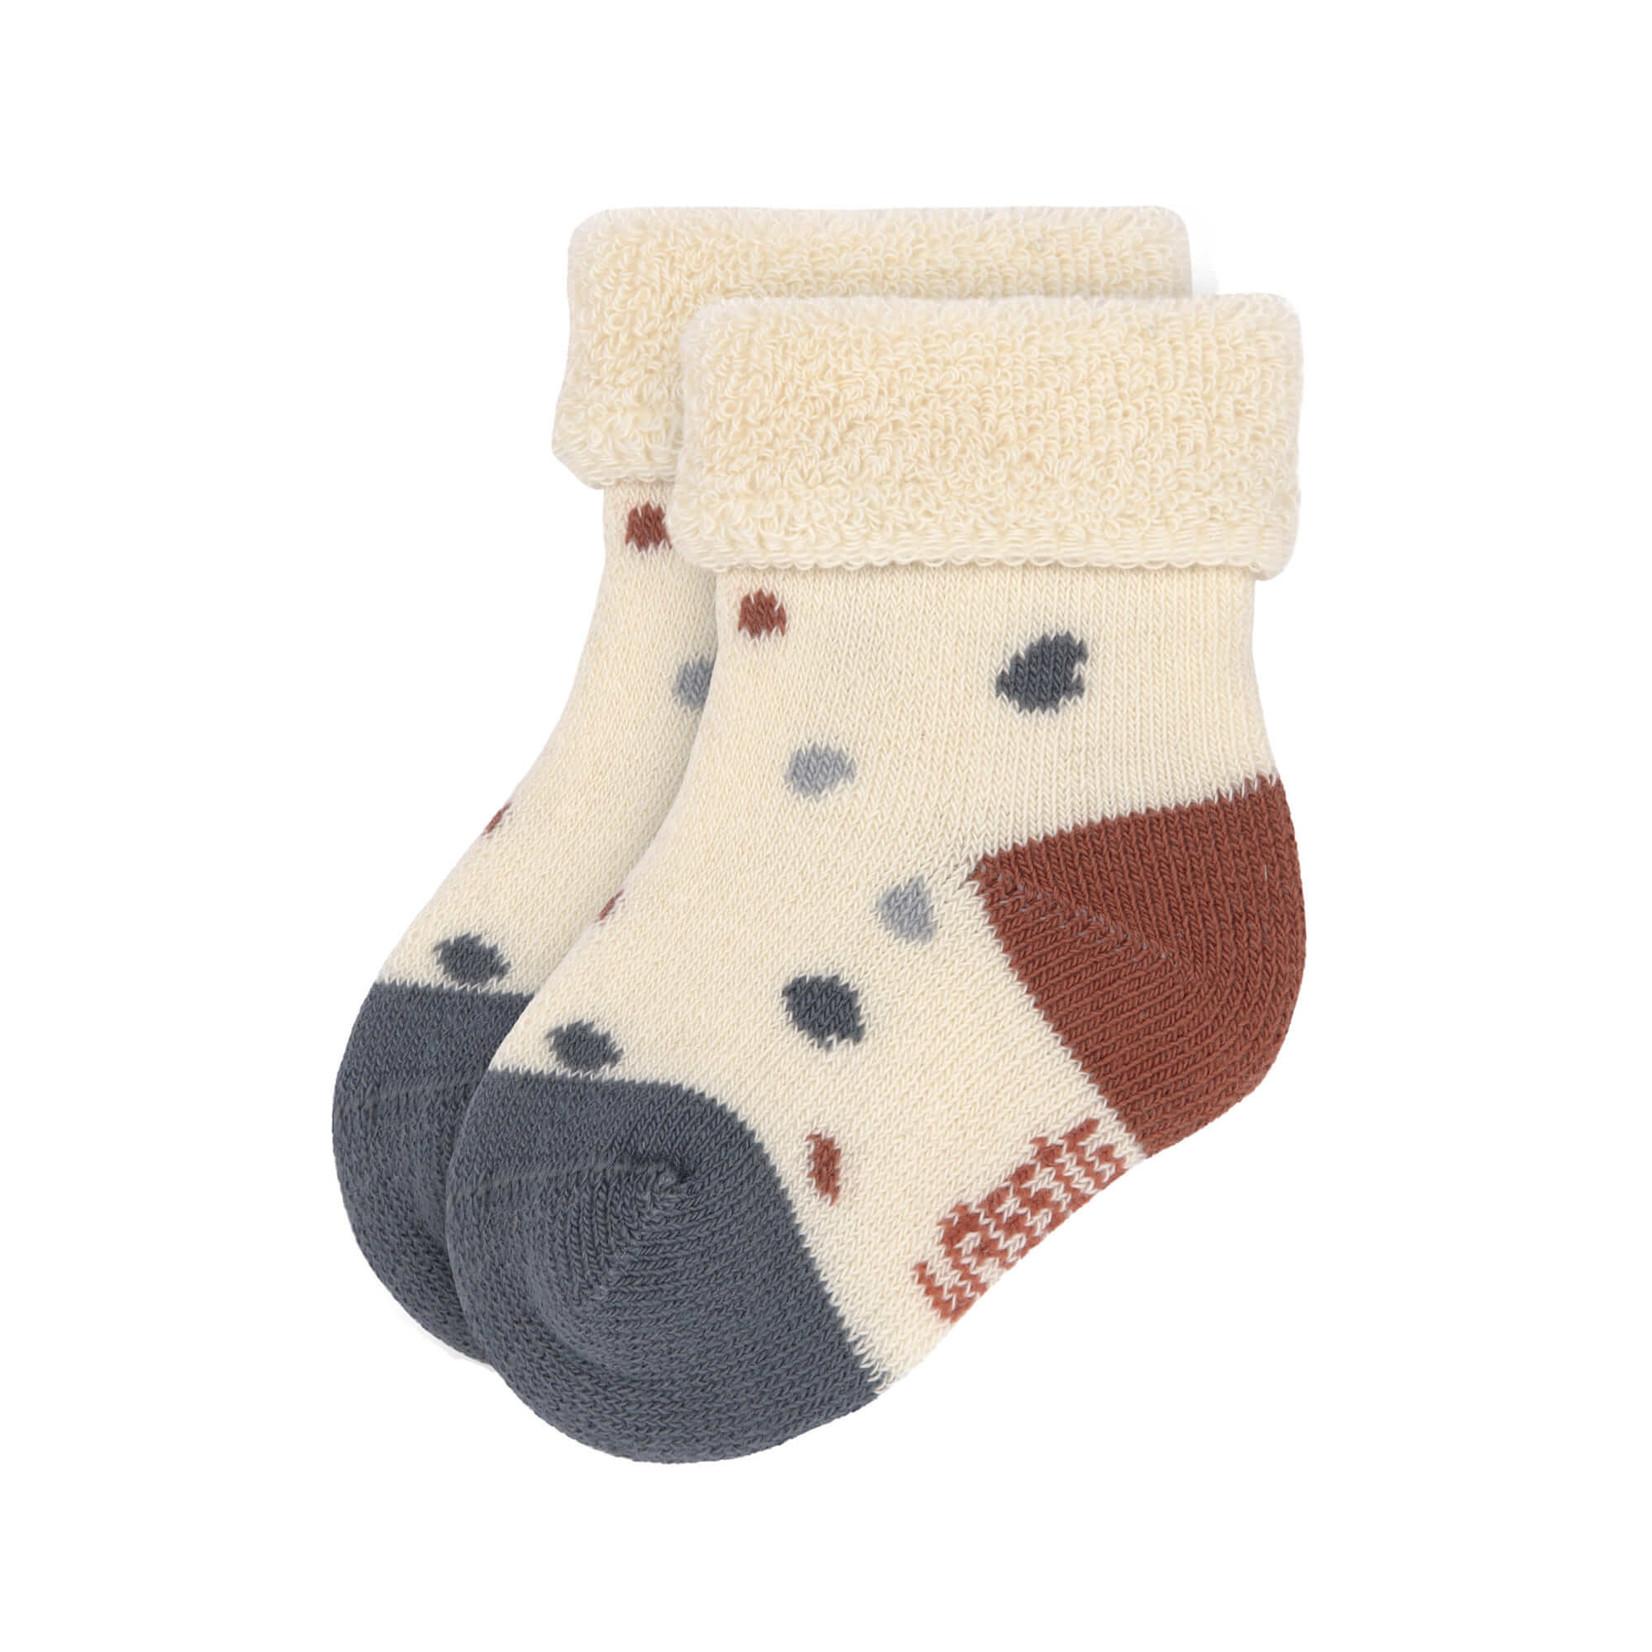 Lässig Newborn Socks Gots 3pcs assorted Tiny Farmer